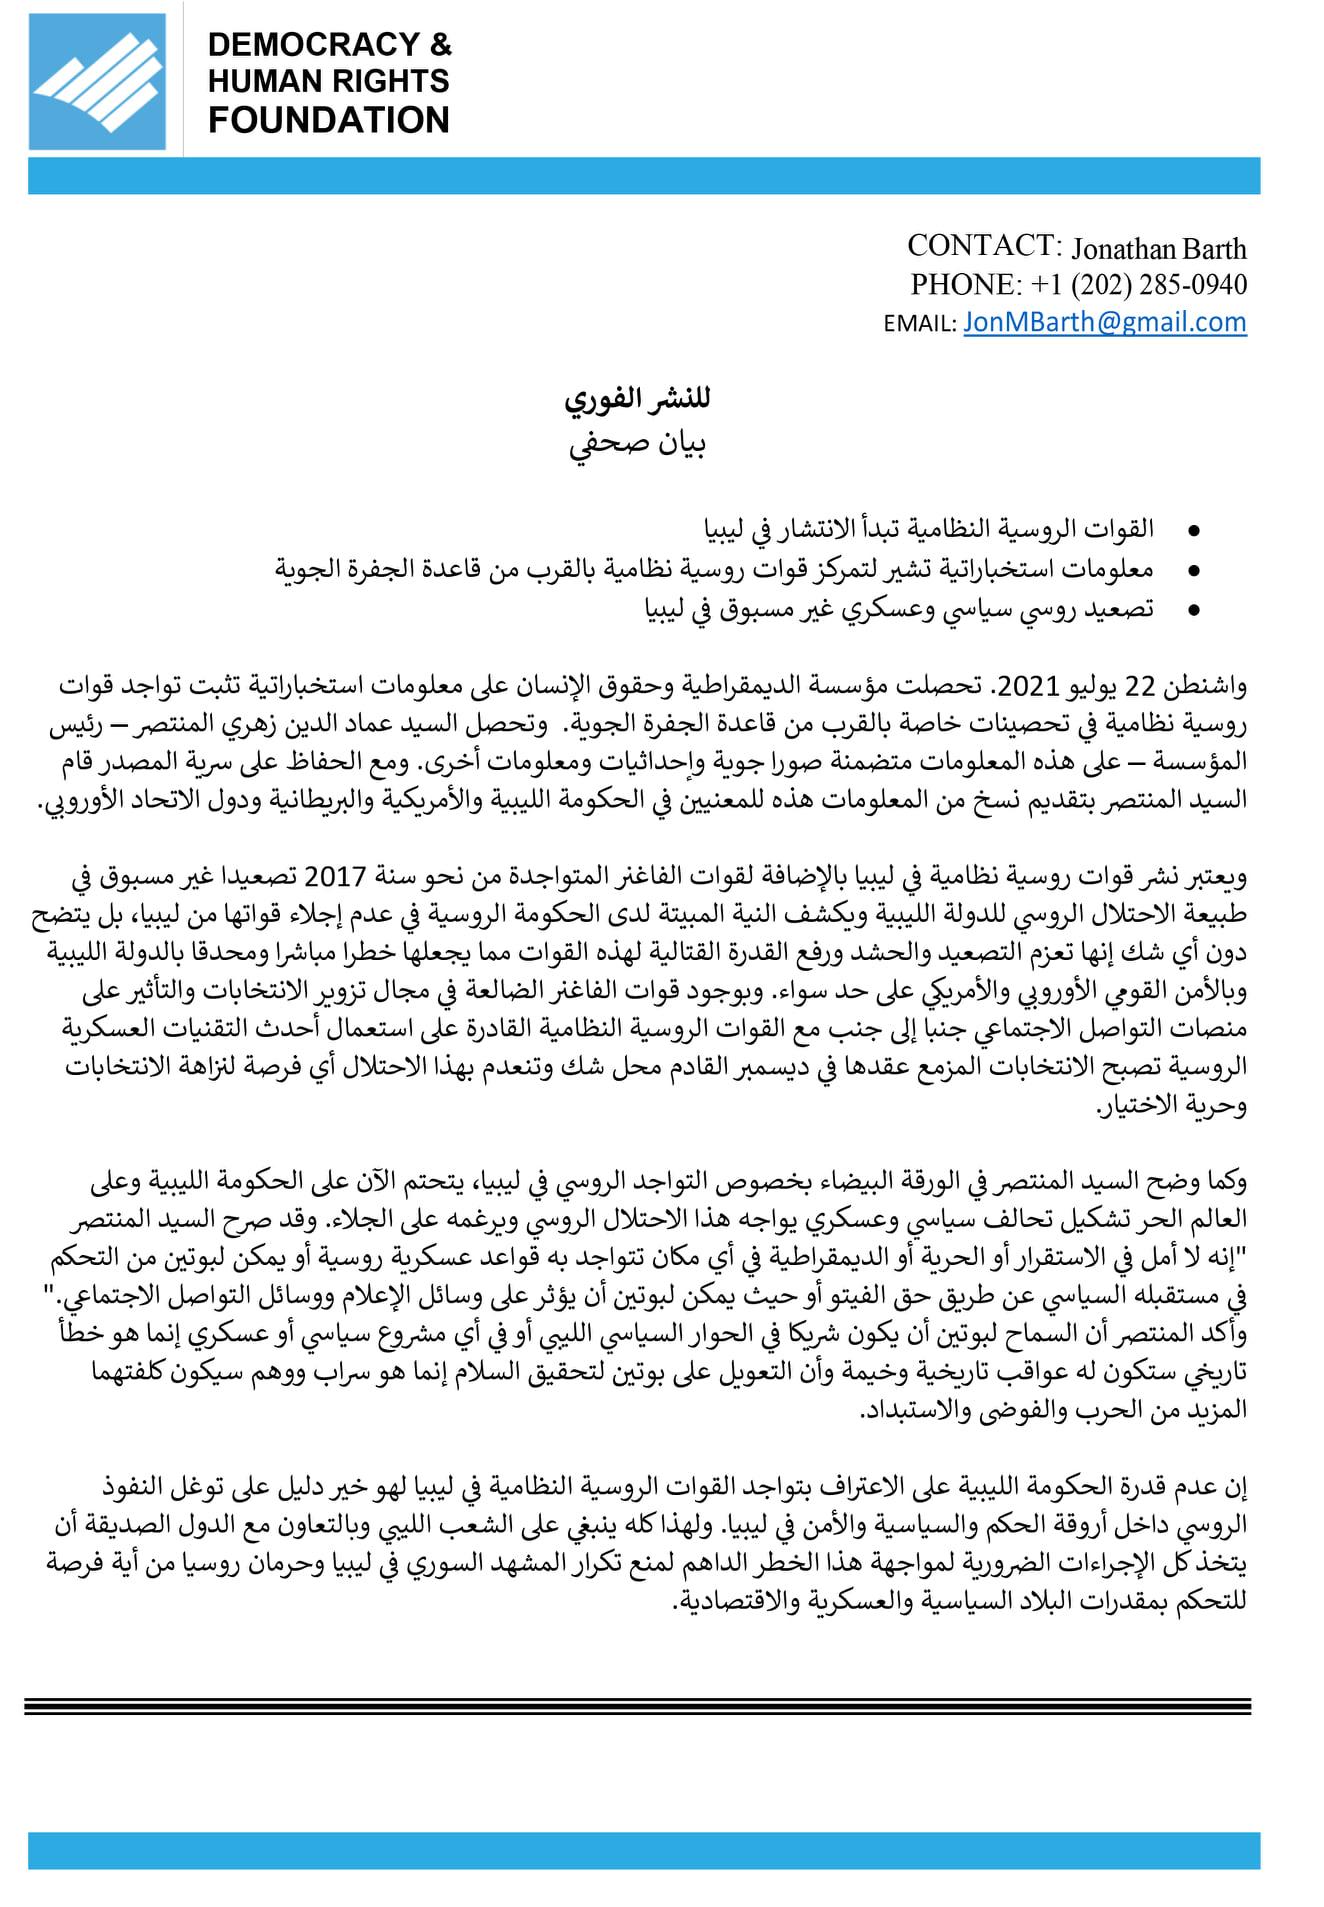 مؤسسة حقوقية: القوات الروسية النظامية تبدأ الانتشار في ليبيا